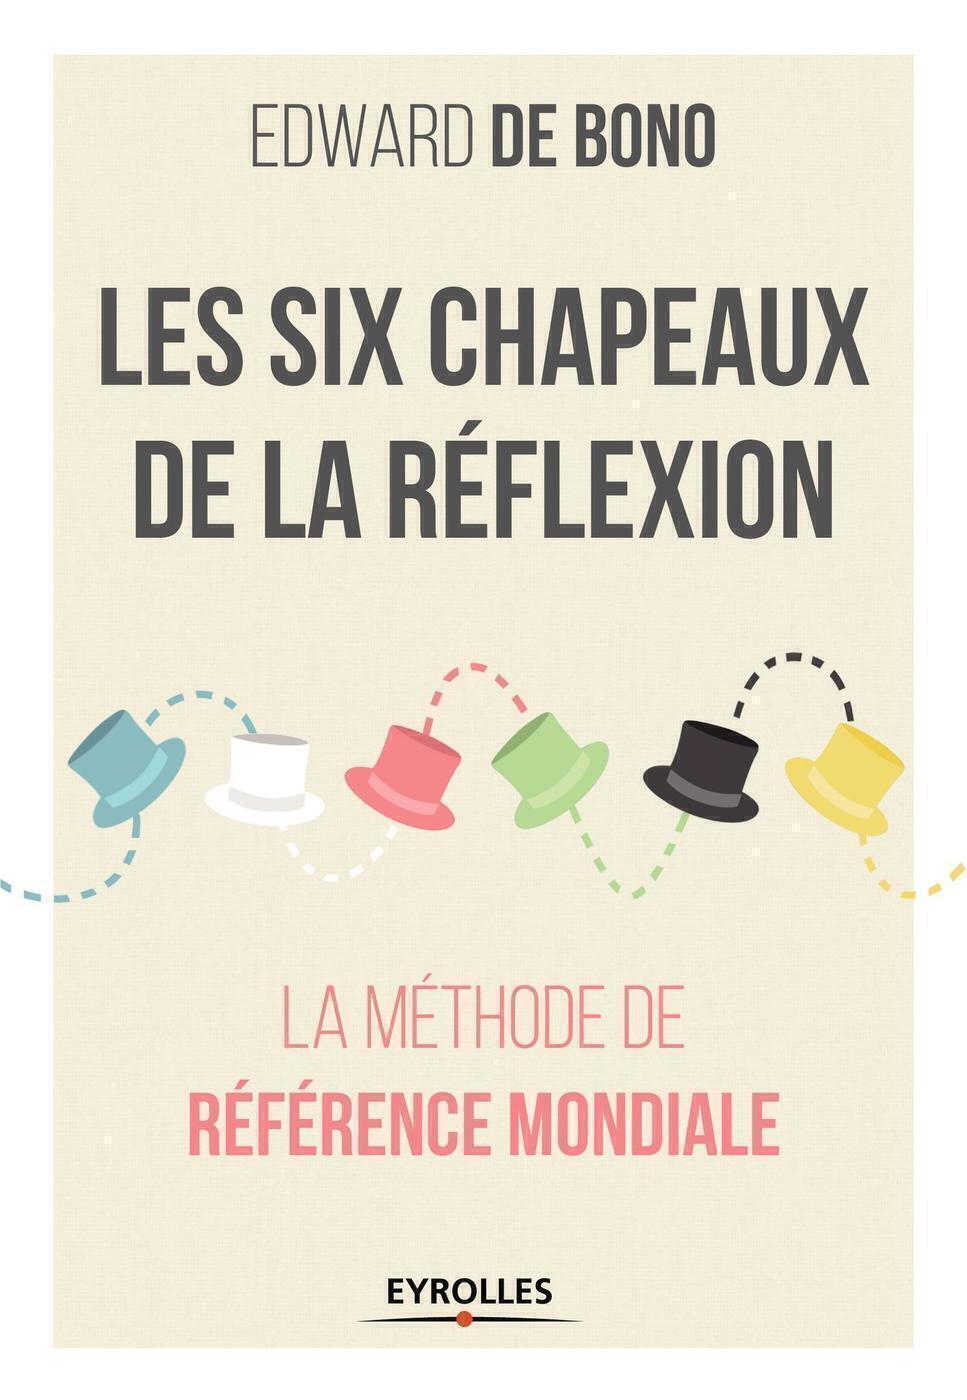 vendu dans le monde entier vente chaude authentique belles chaussures Les six chapeaux de la réflexion - E.de Bono - Librairie Eyrolles